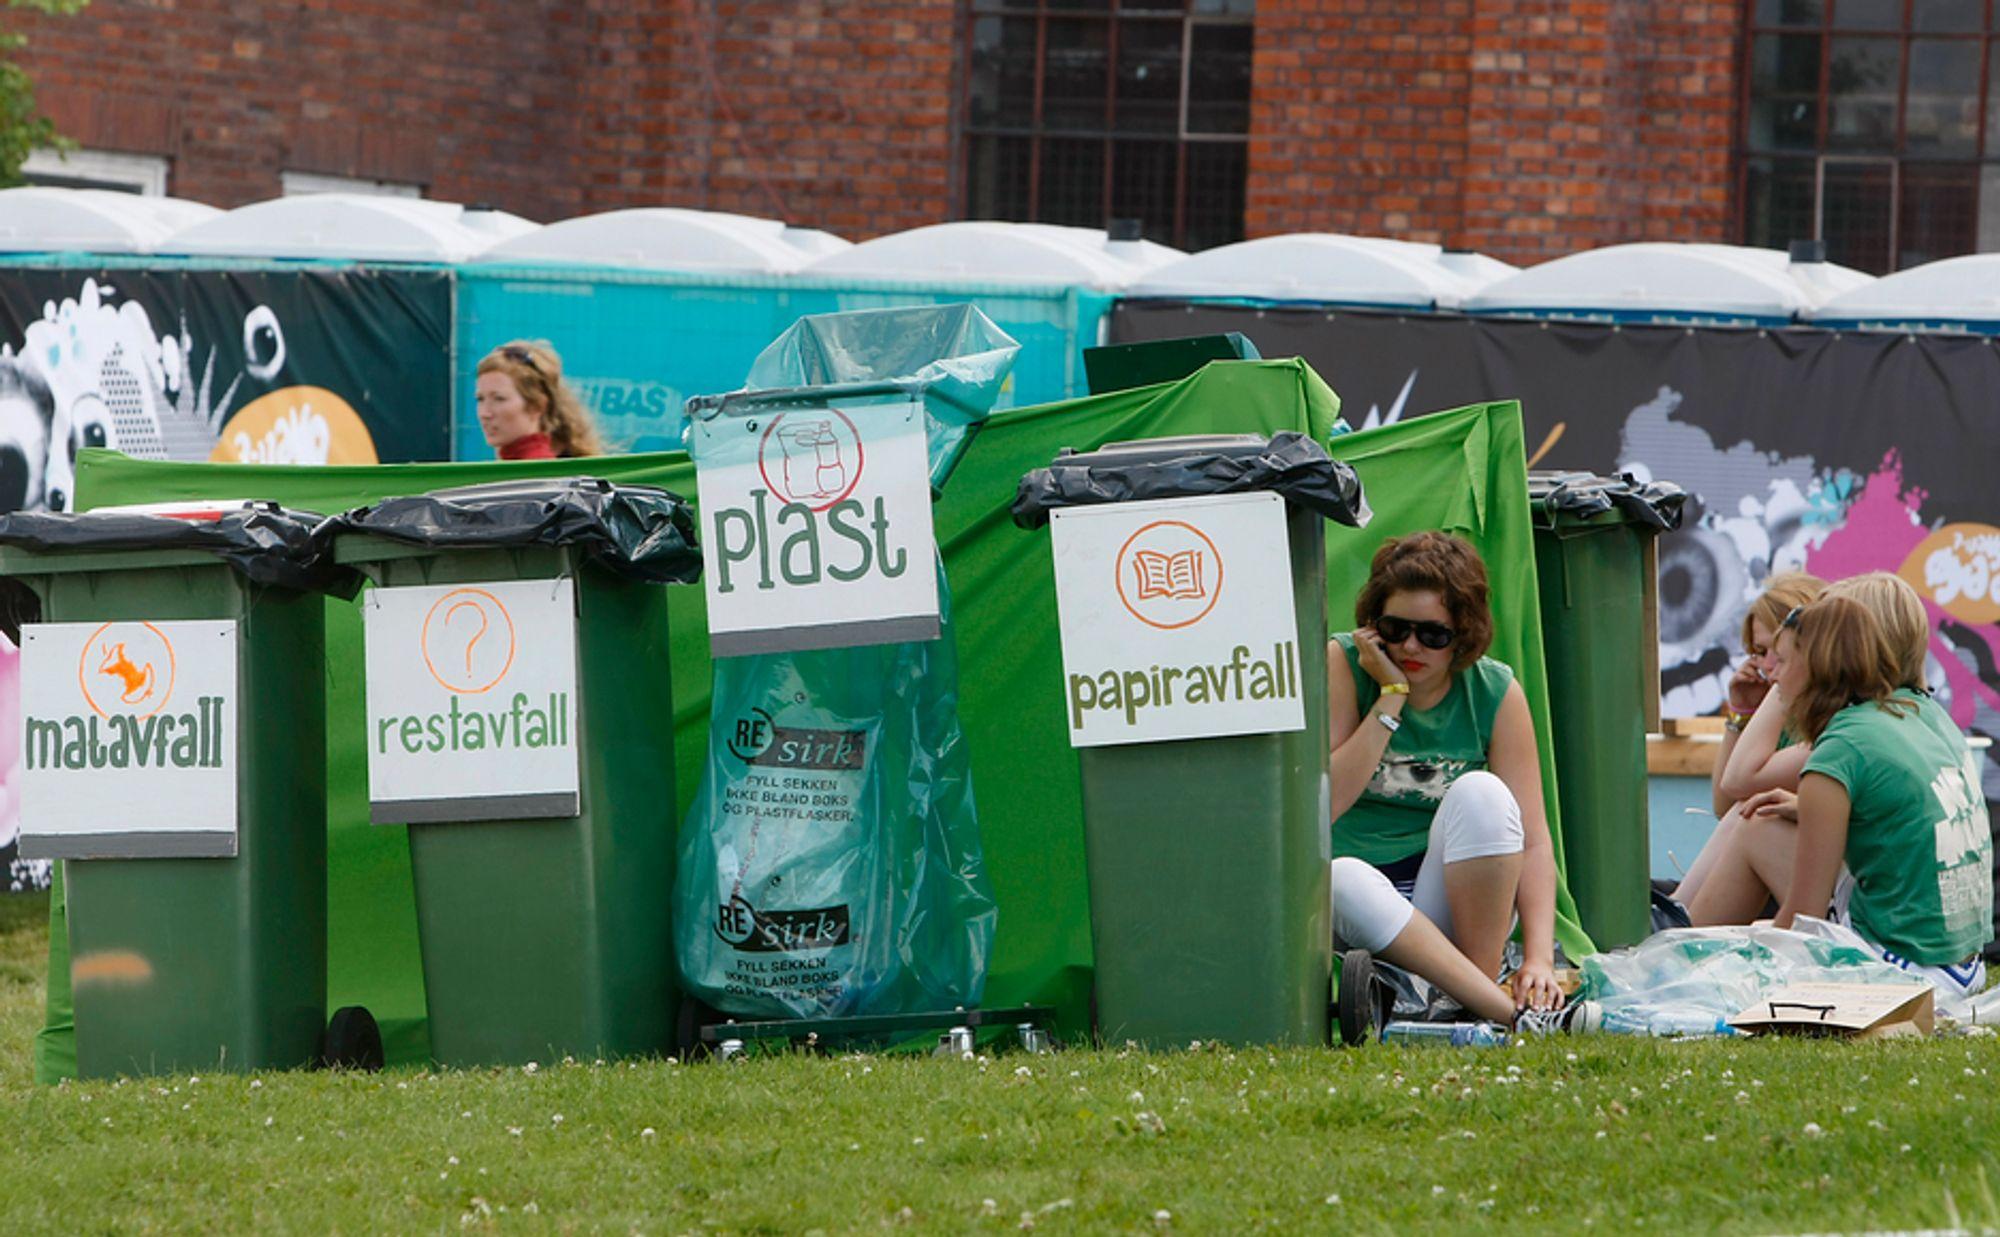 Voksne er flinkere til å sortere søppel enn de unge. Veldig mange kaster kvikksølvholdige sparepærer rett i søpla i stedet for å levere inn i butikker som selger slike pærer. Der skal de tas hånd om på forsvarlig måte.